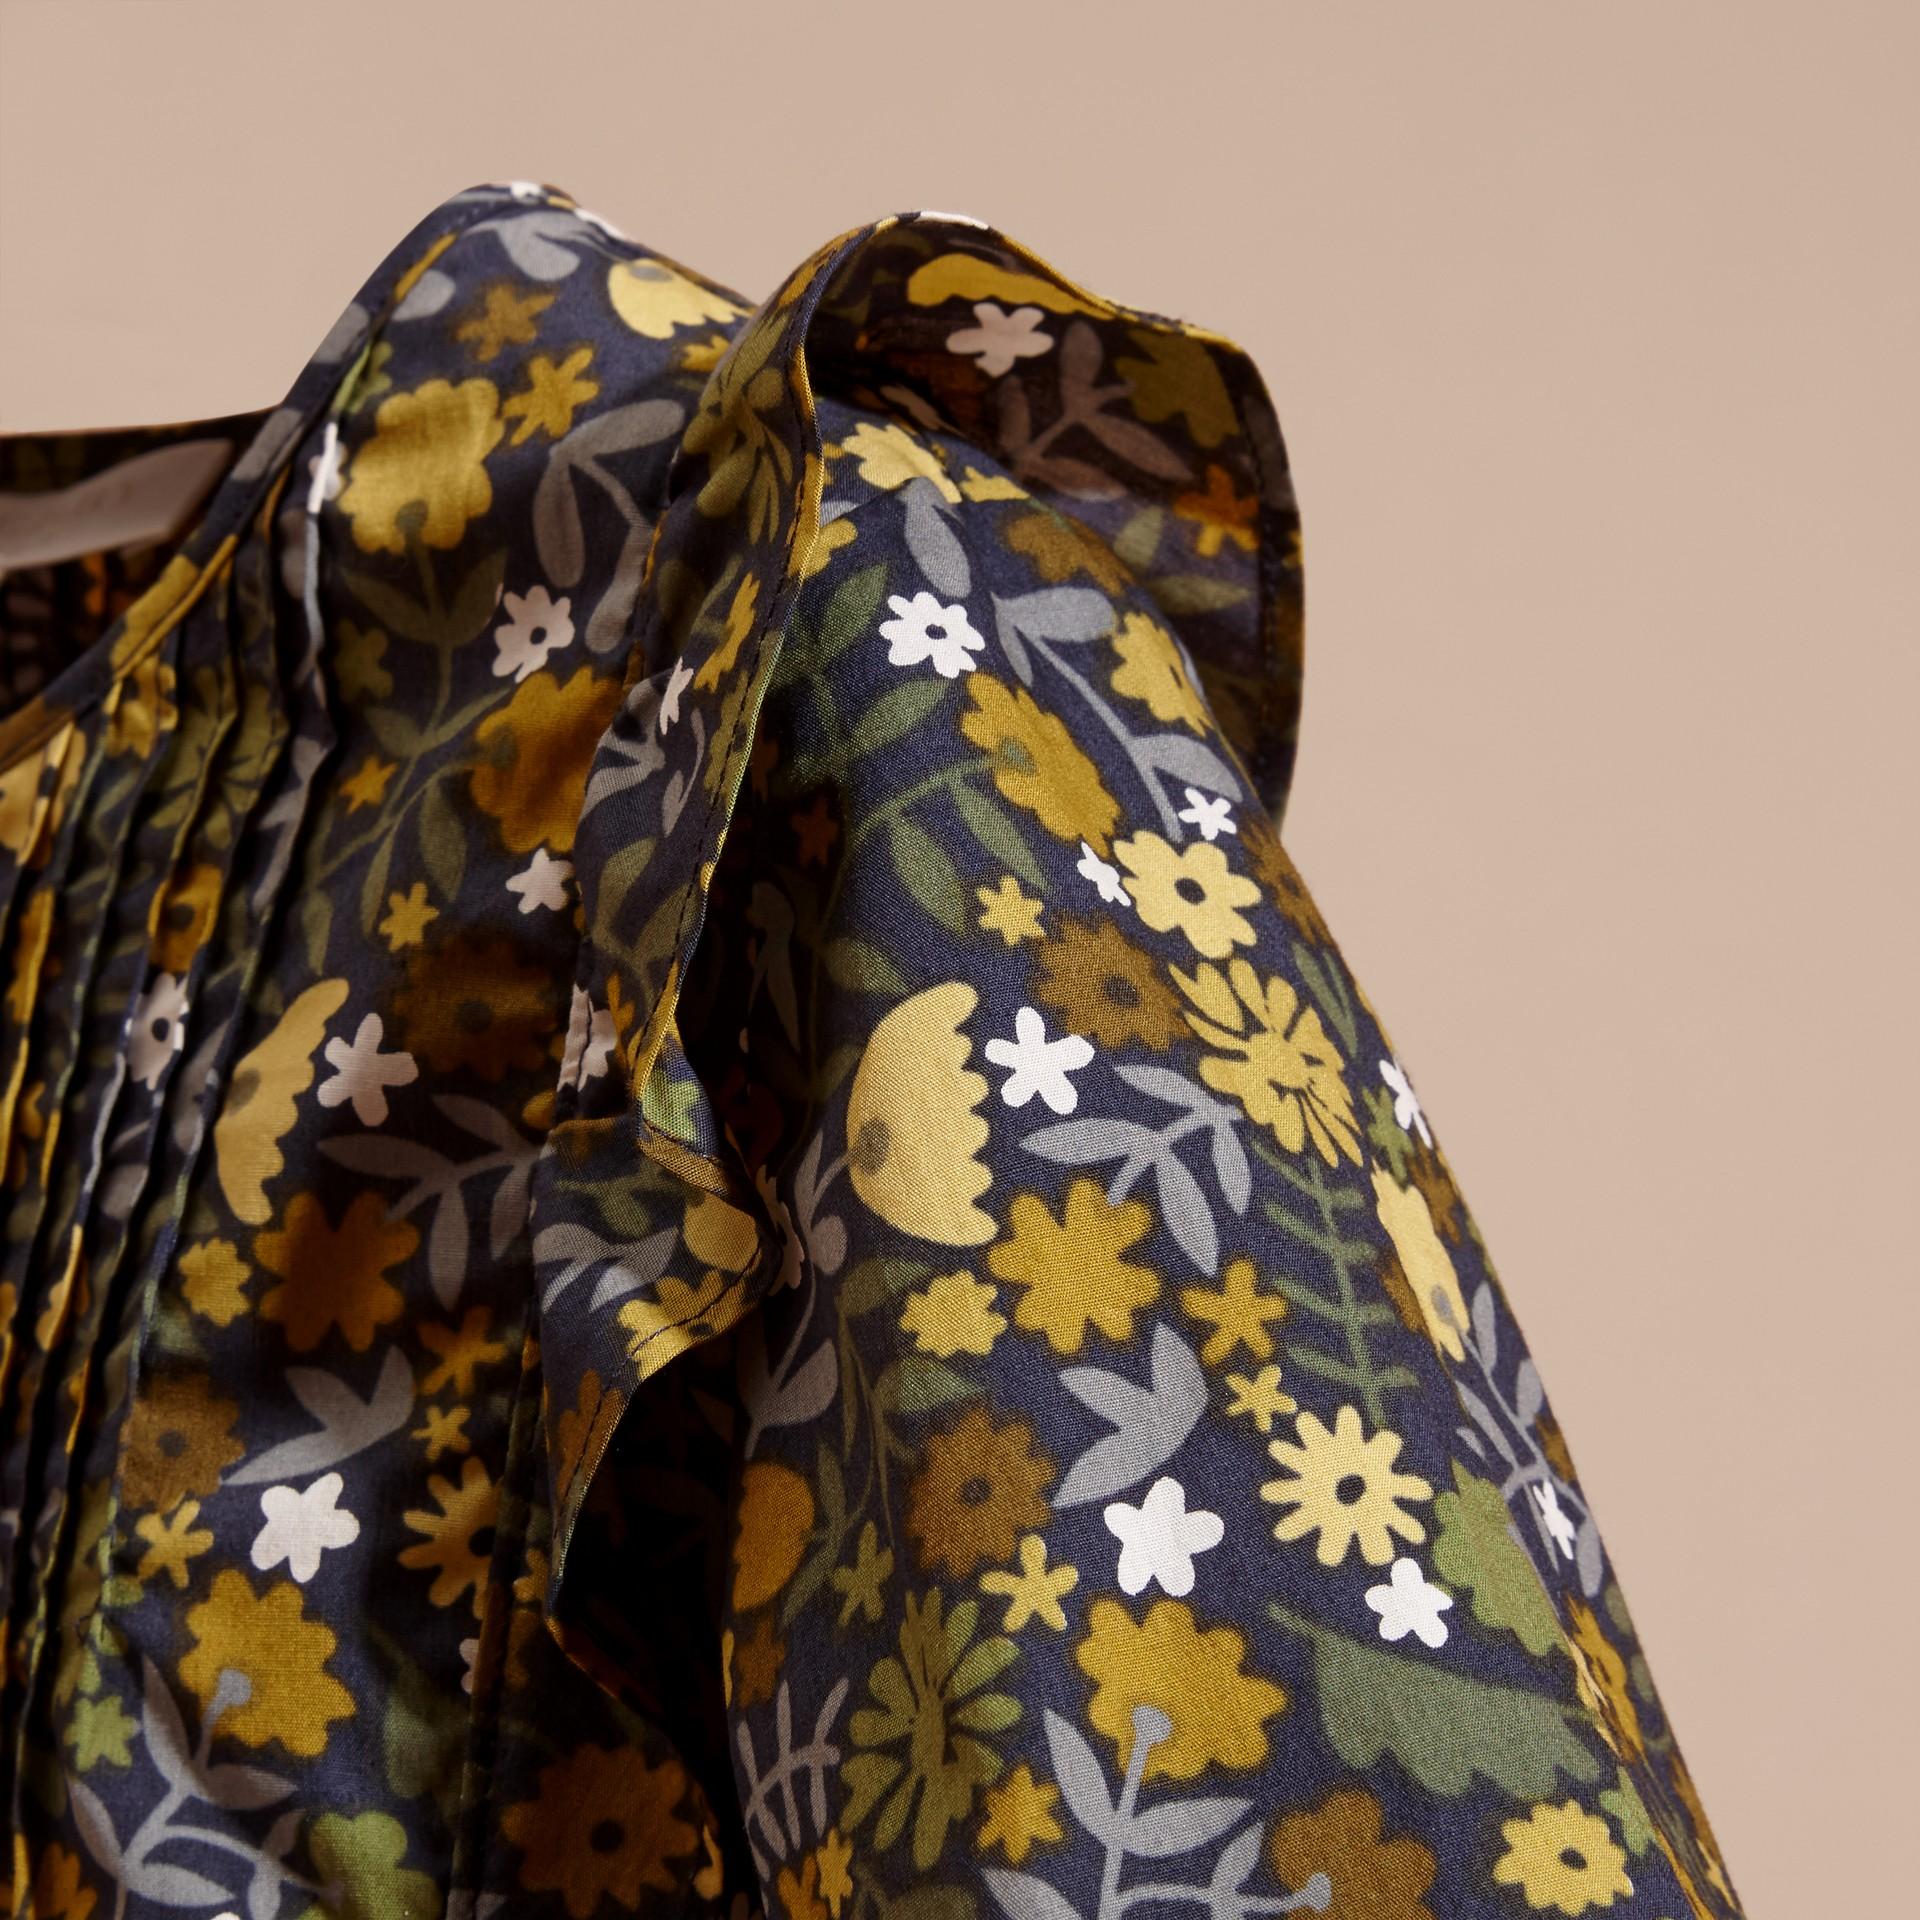 ダスティシトリン フローラルプリント コットンシャツ ウィズ ラッフルディテール ダスティシトリン - ギャラリーイメージ 2